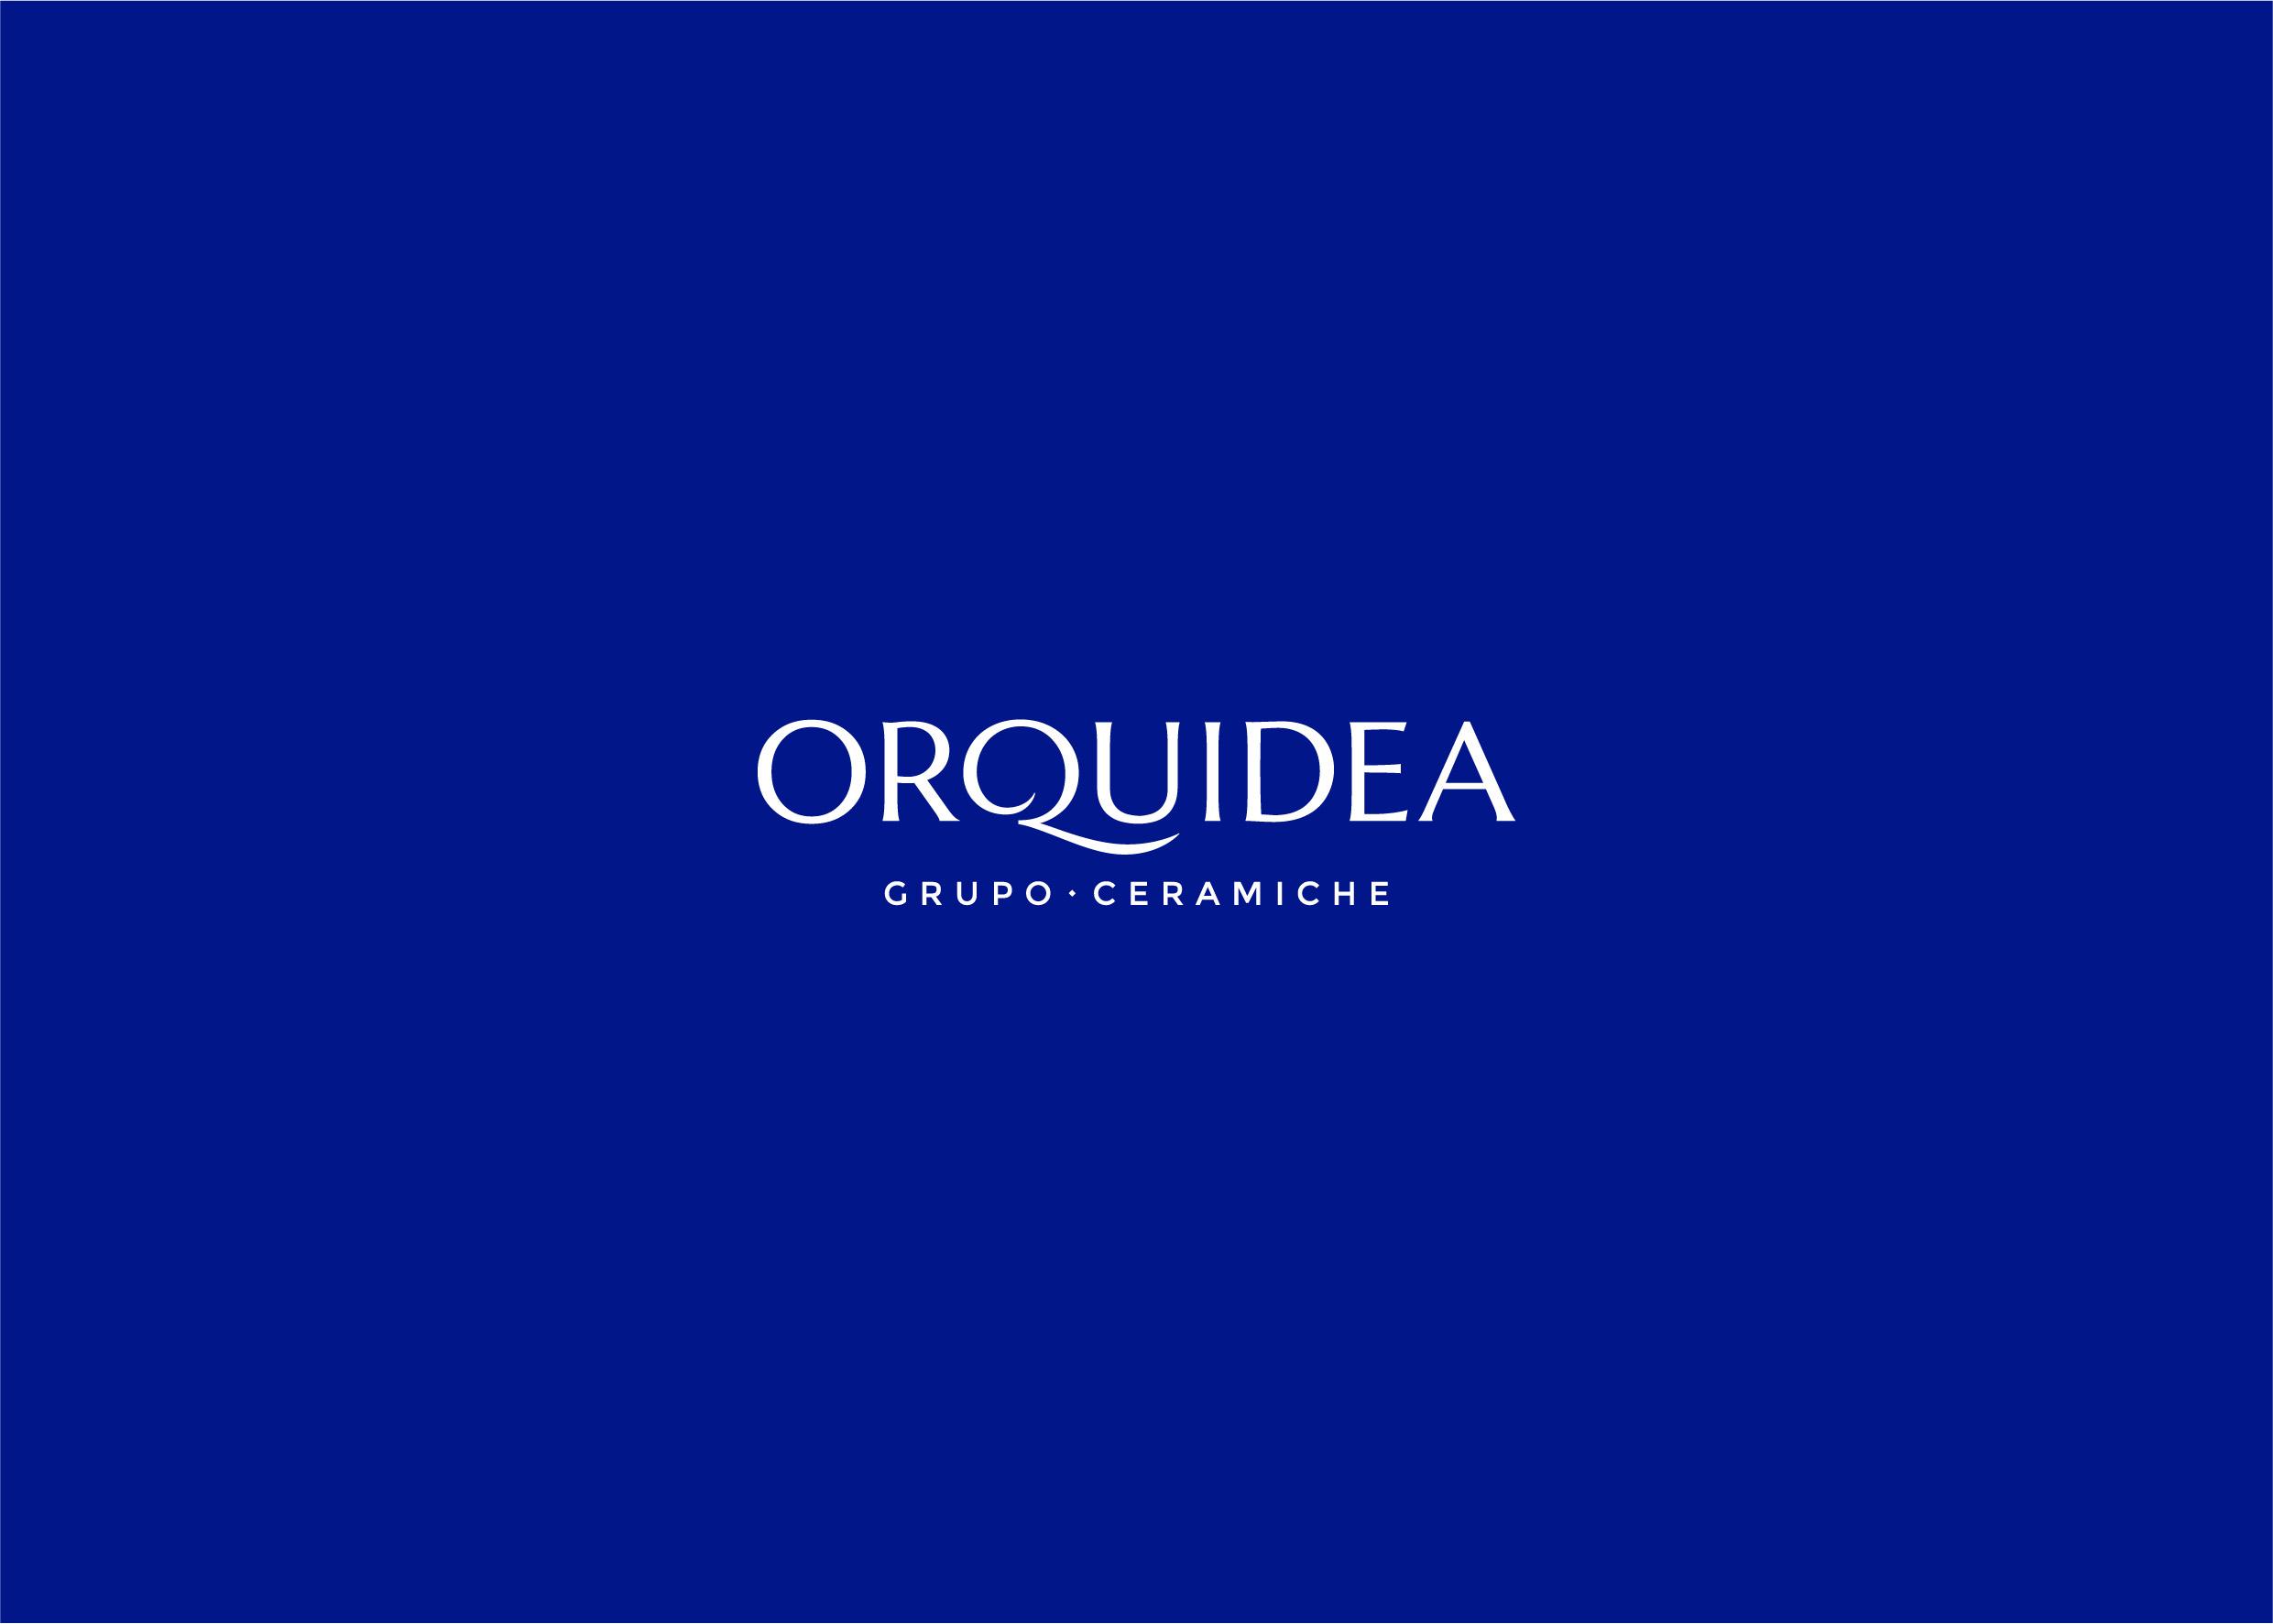 ↗ Orquidea Grupo Ceramiche   #CeramicTiles